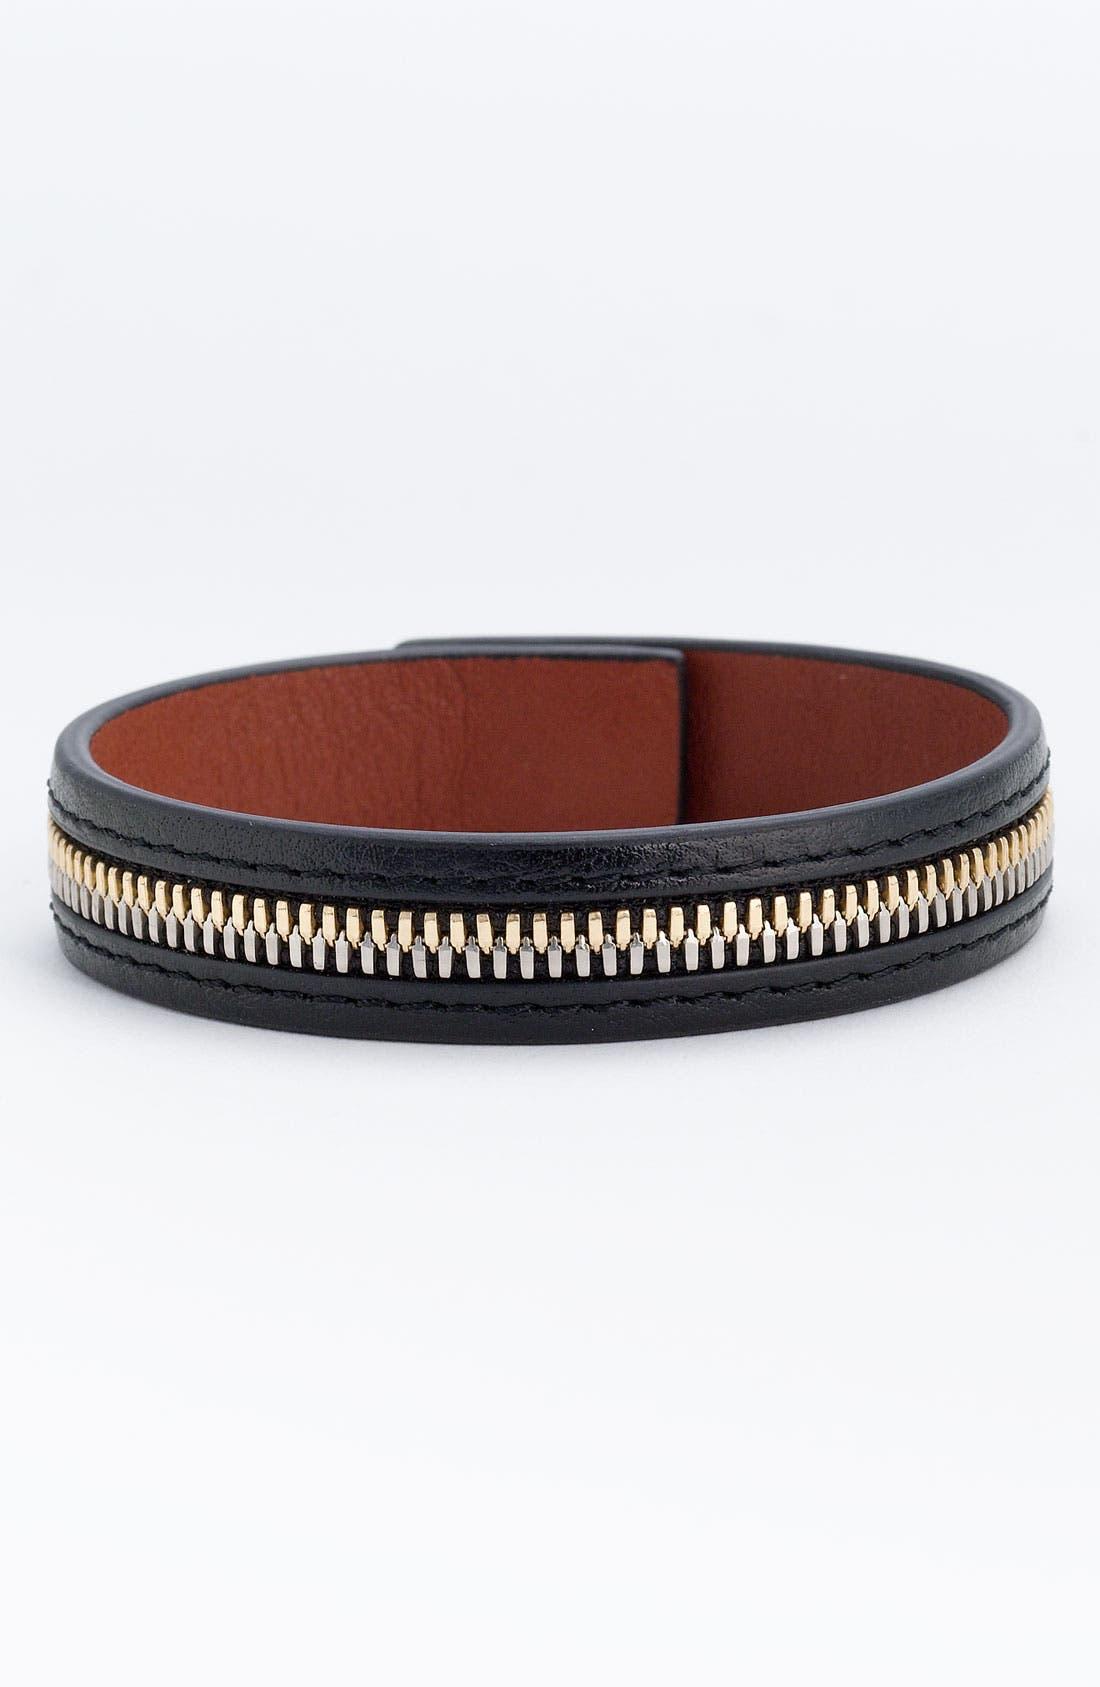 Main Image - WANT Les Essentiels de la Vie 'Tambo' Zip Leather Bracelet